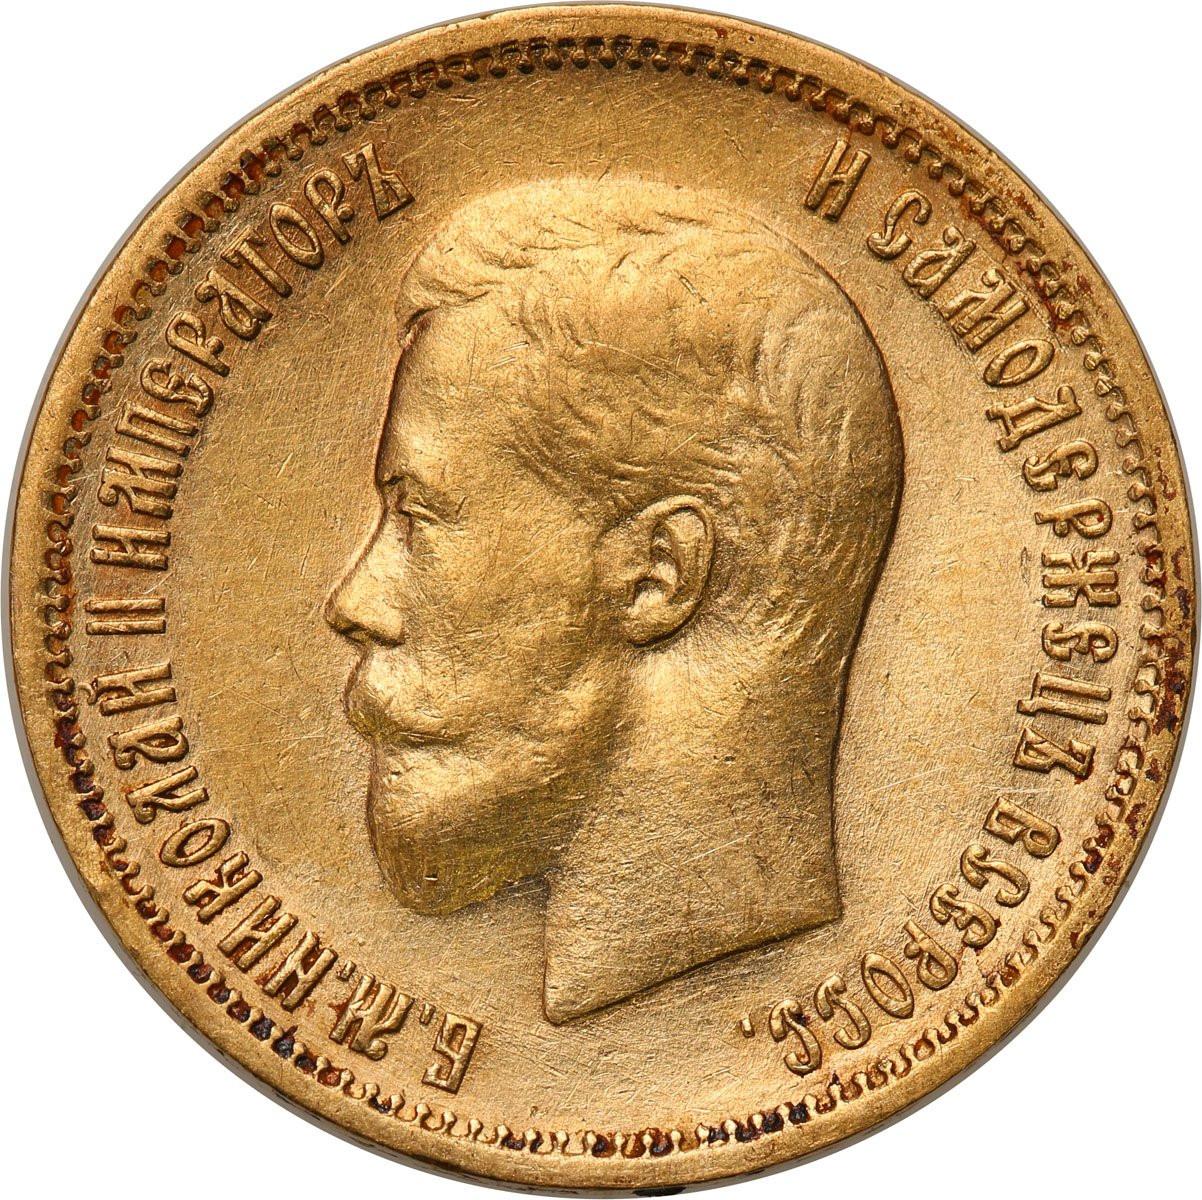 Rosja. Mikołaj II. 10 rubli 1899 АГ - AG, Petersburg